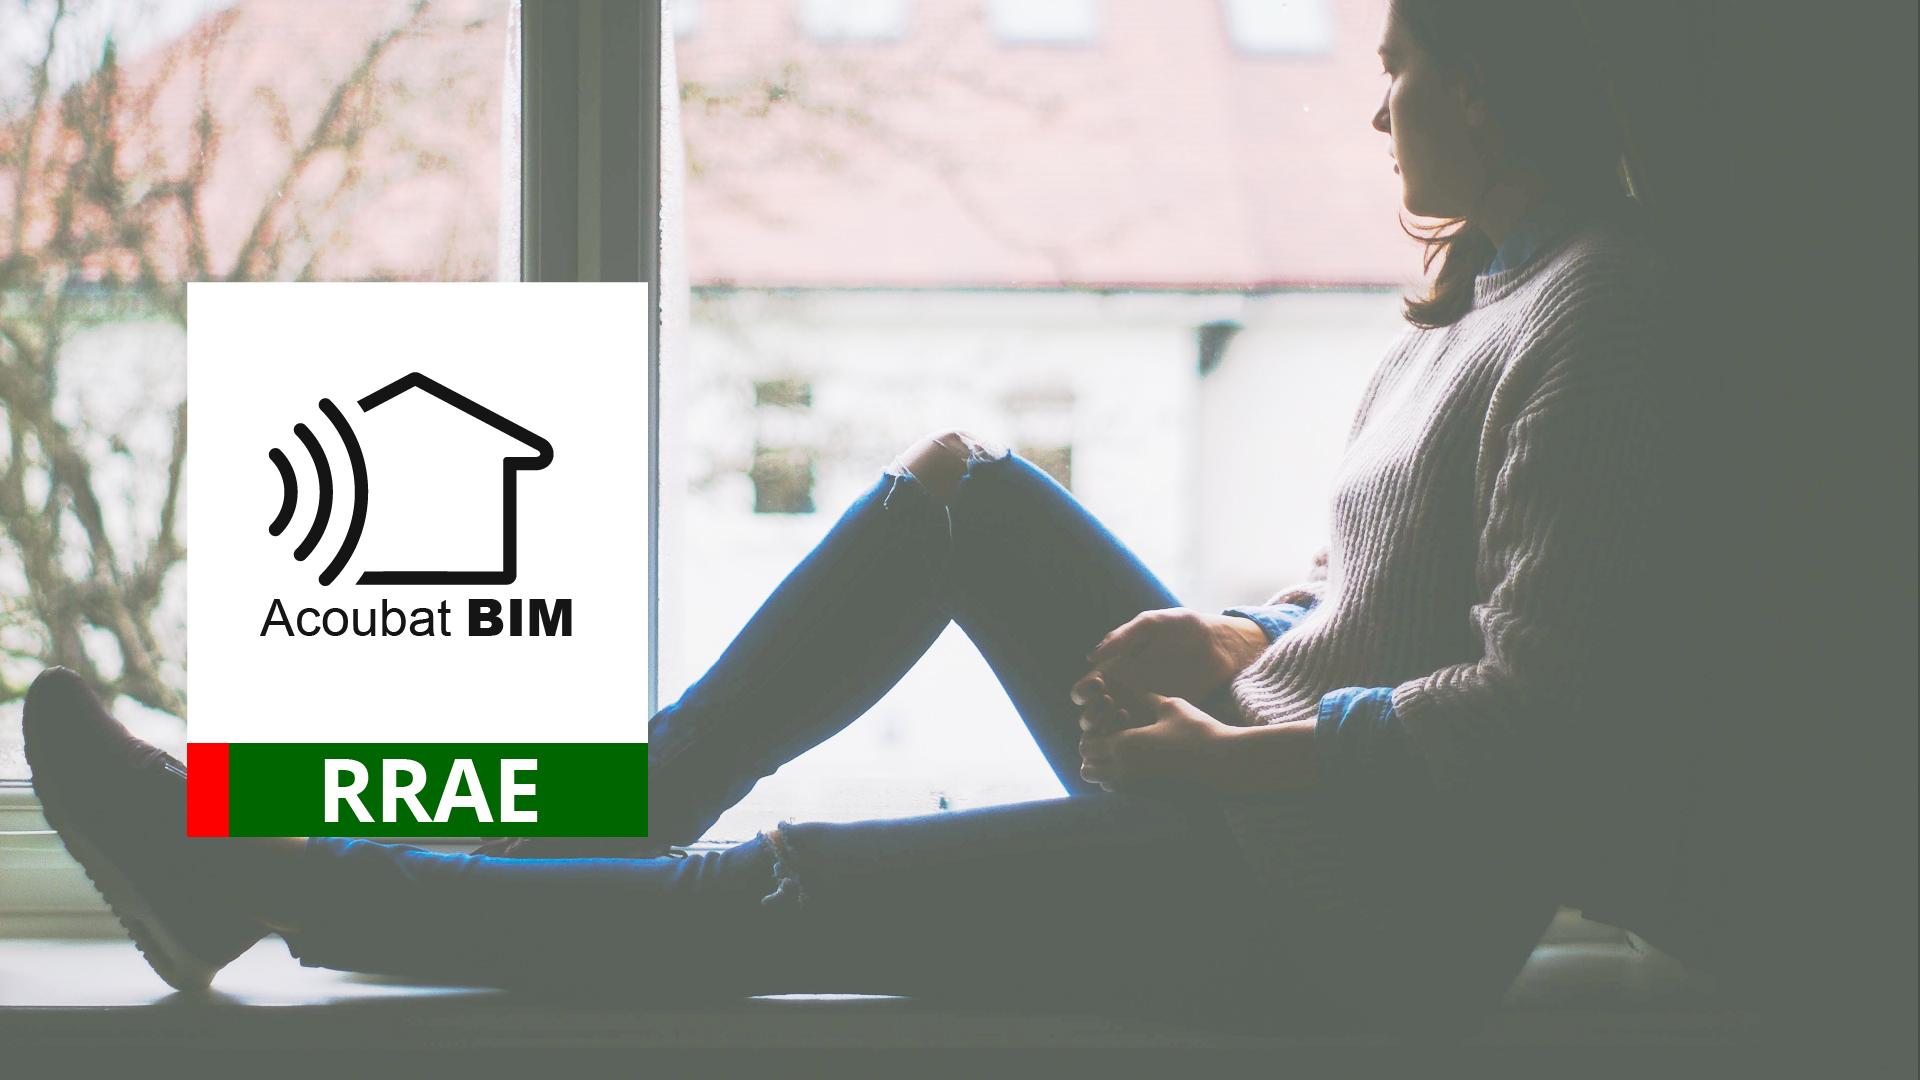 AcoubatBIM by CYPE incorpora o Regulamento dos Requisitos Acústicos dos Edificios (RRAE) de Portugal